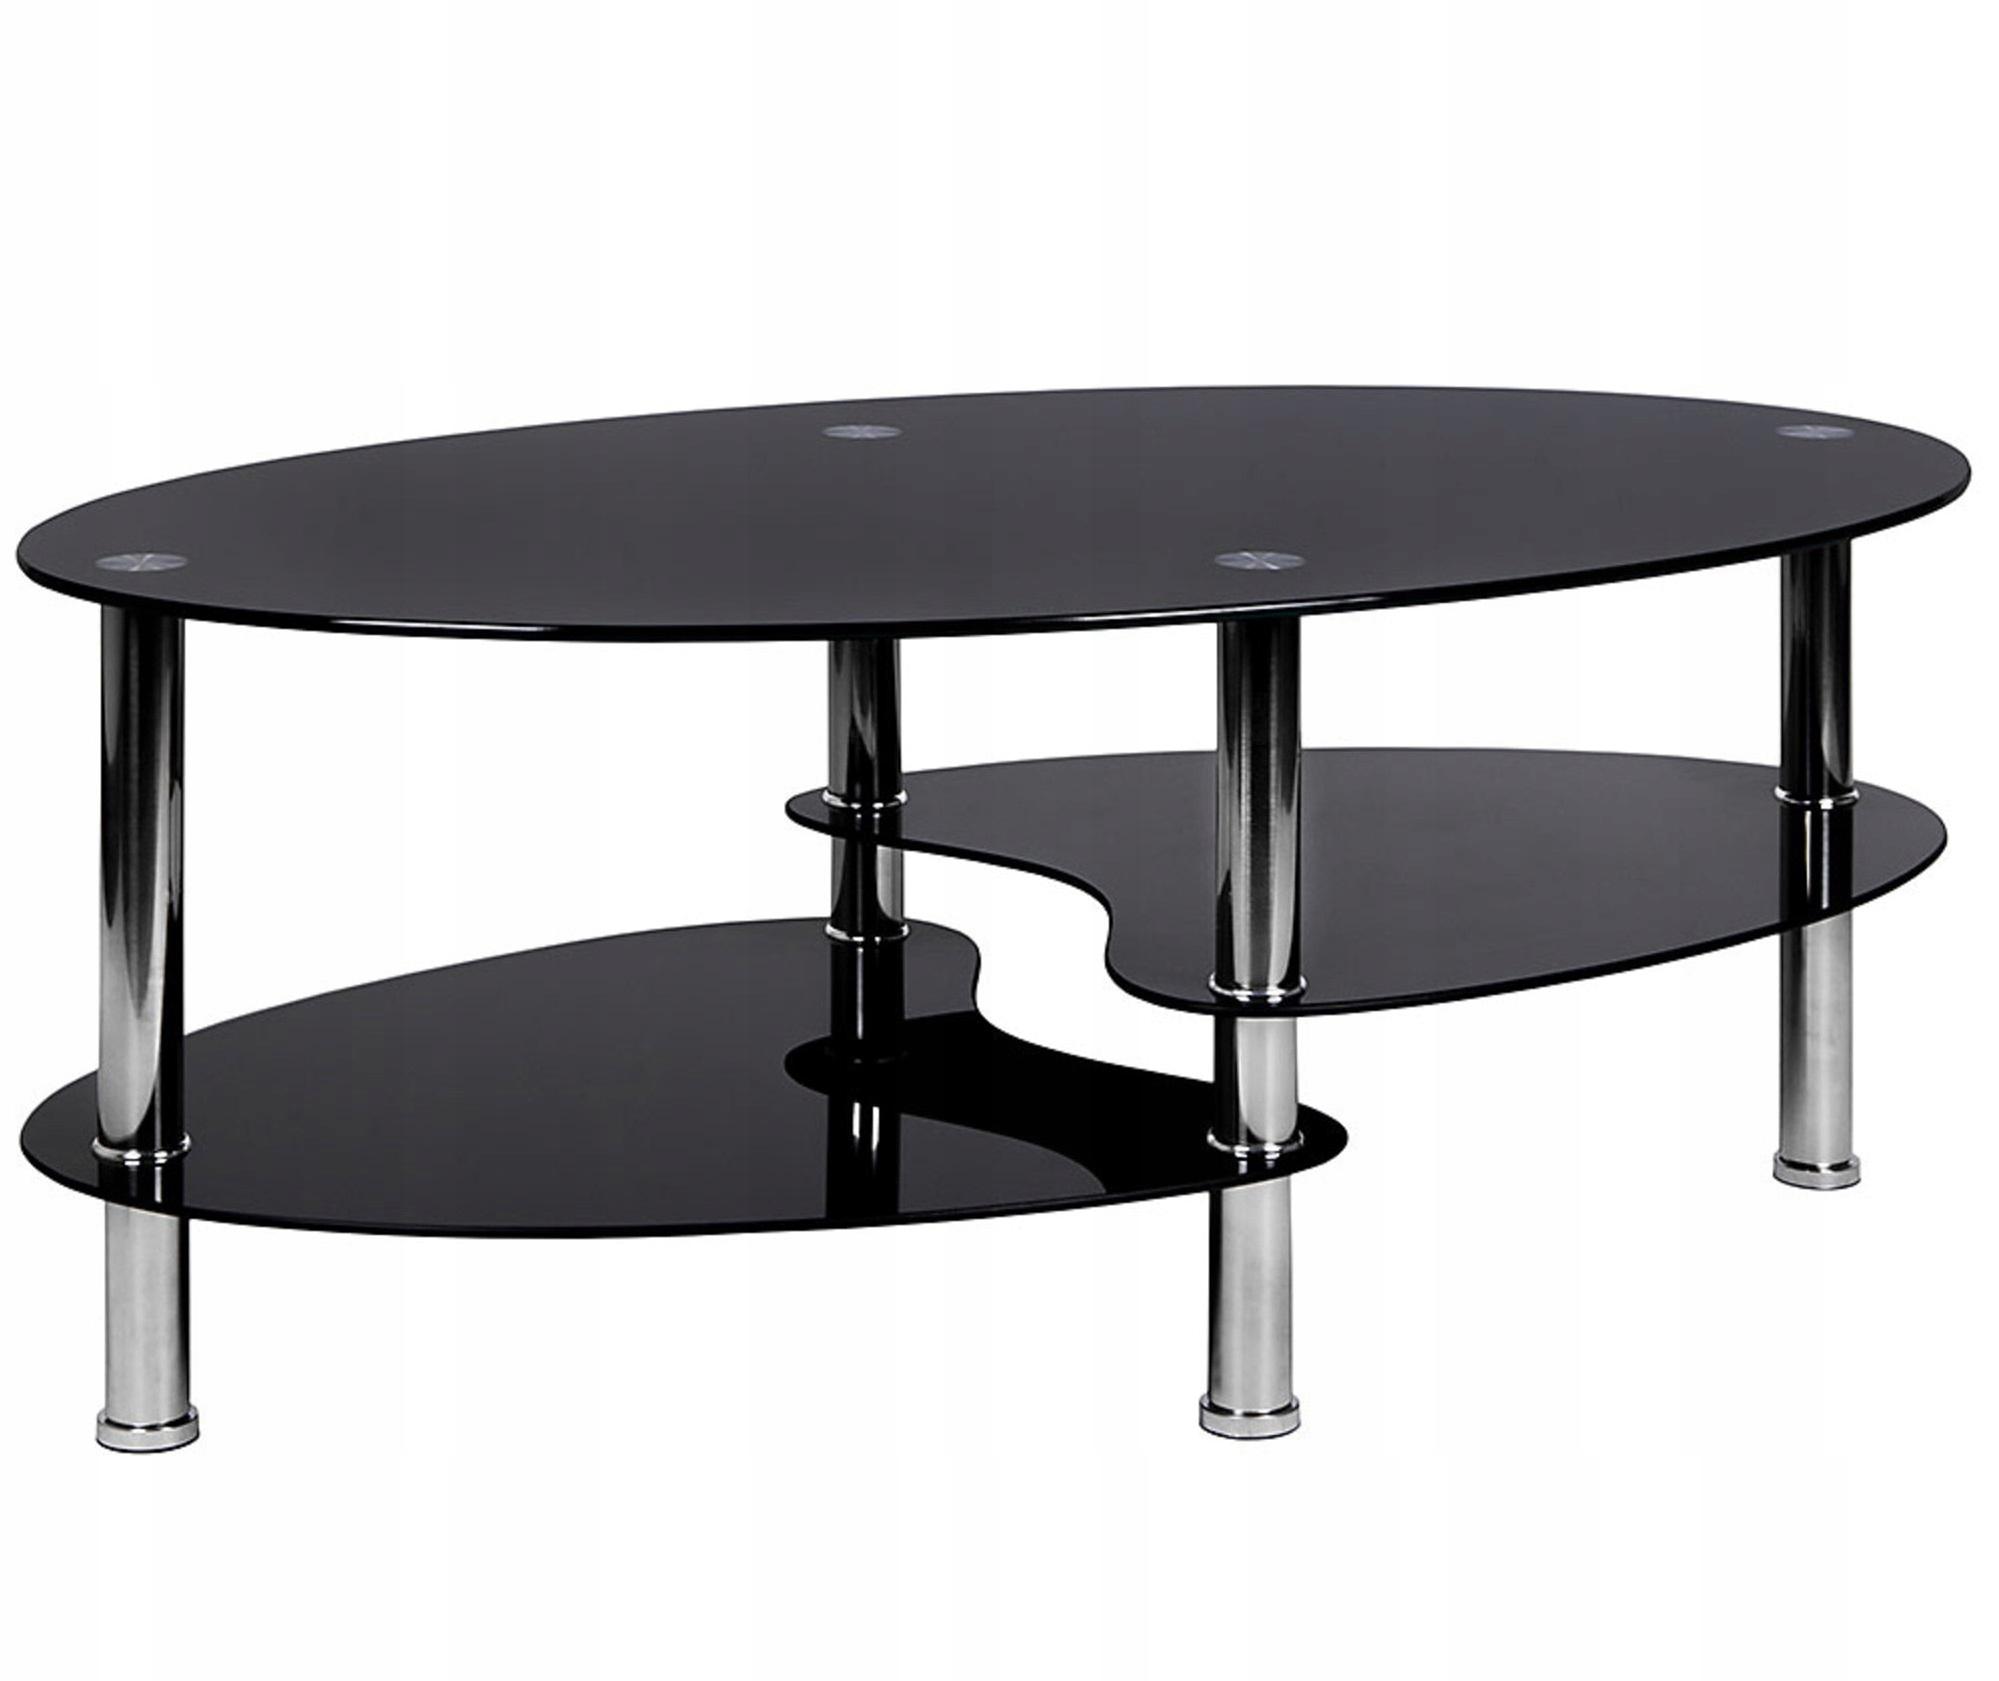 Столик скамья Стекло стол Кофейный Зонная стеклянный